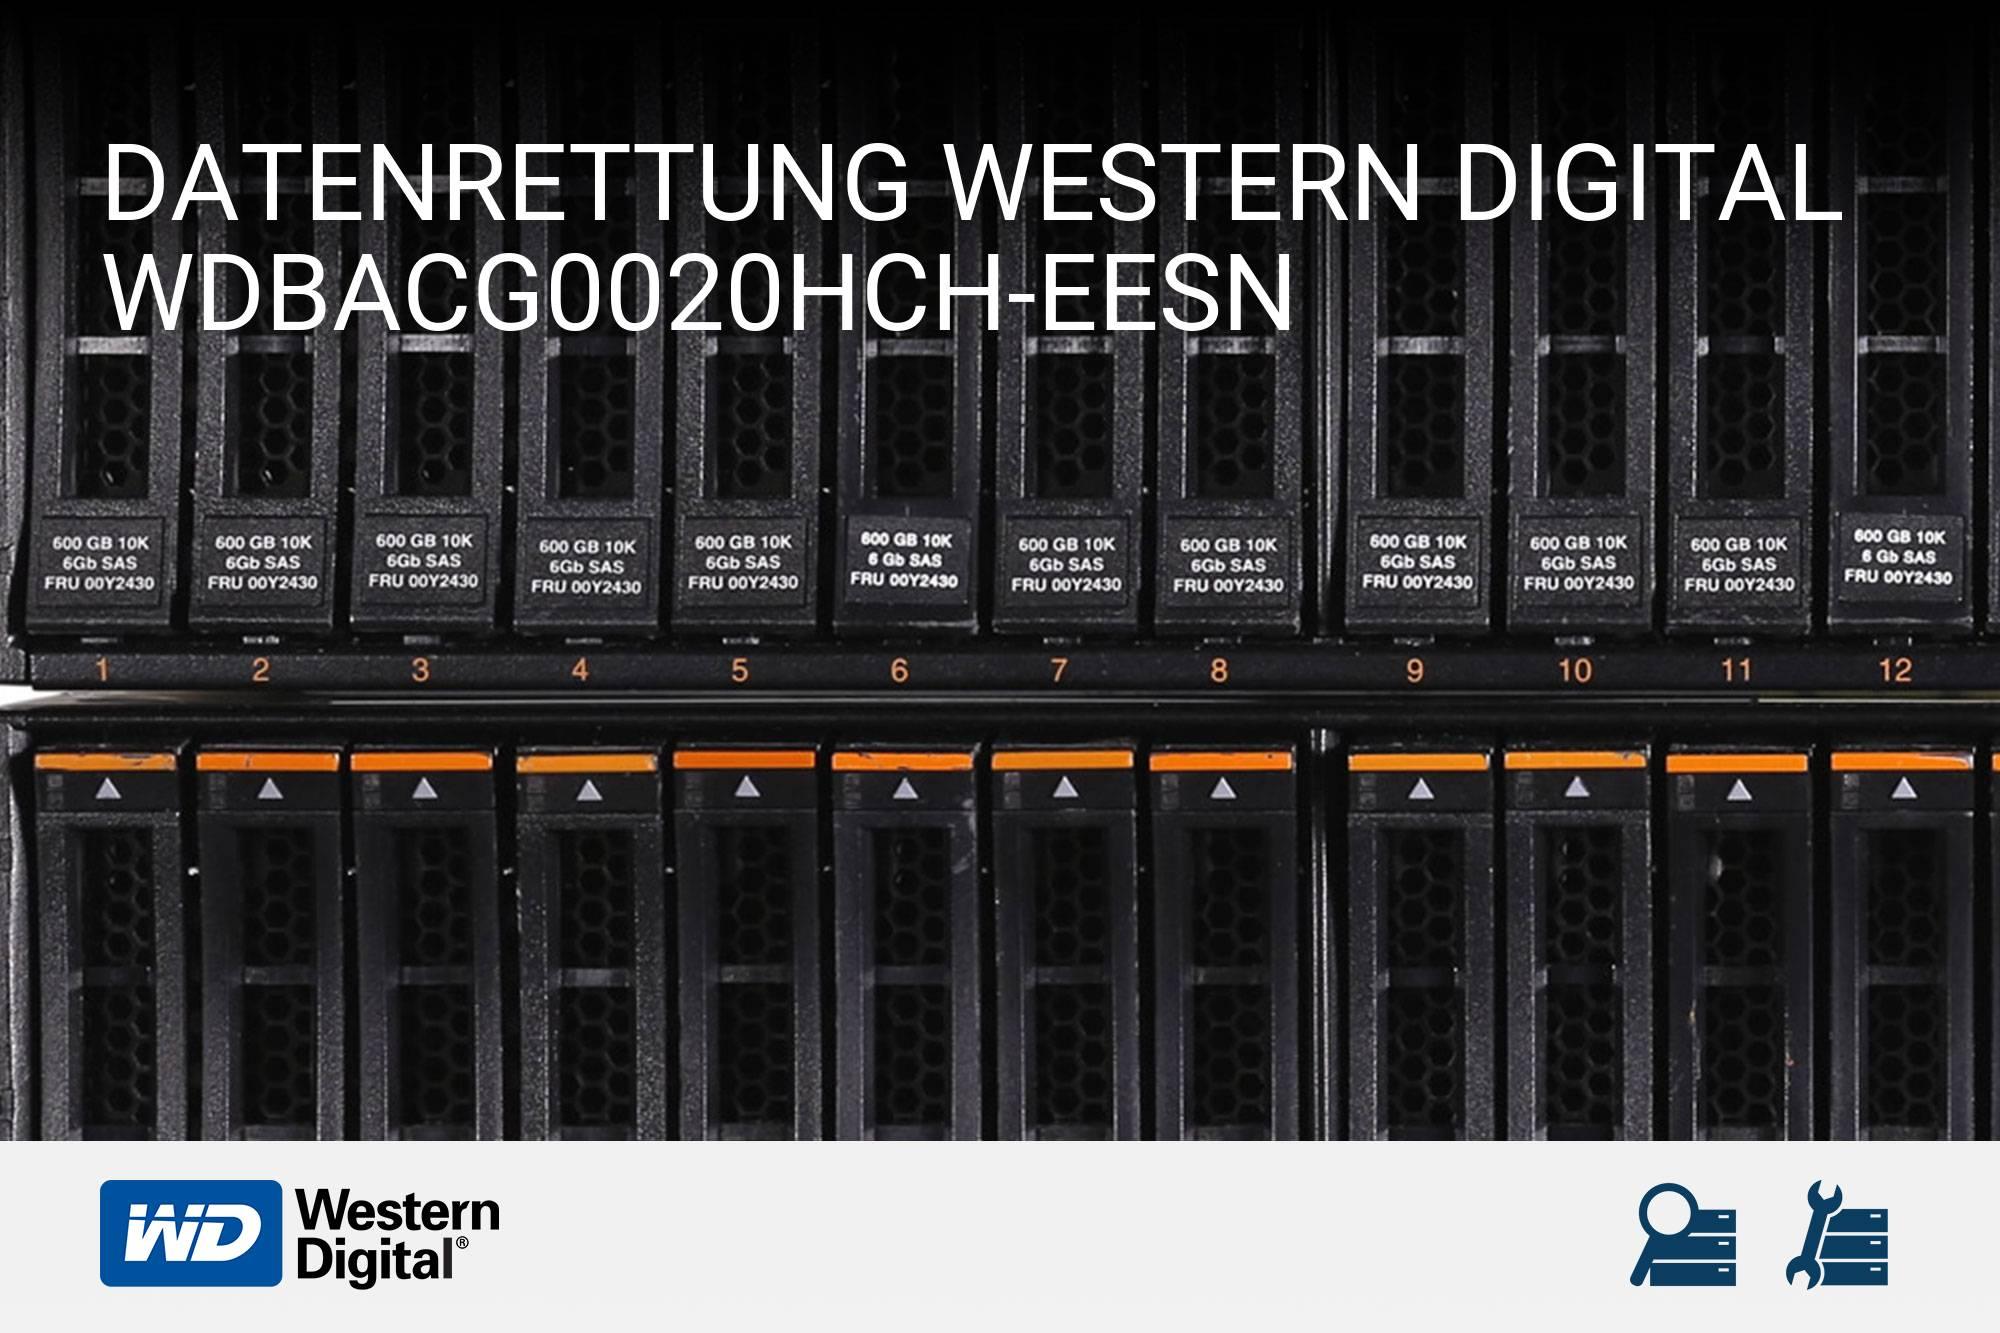 Western Digital WDBACG0020HCH-EESN